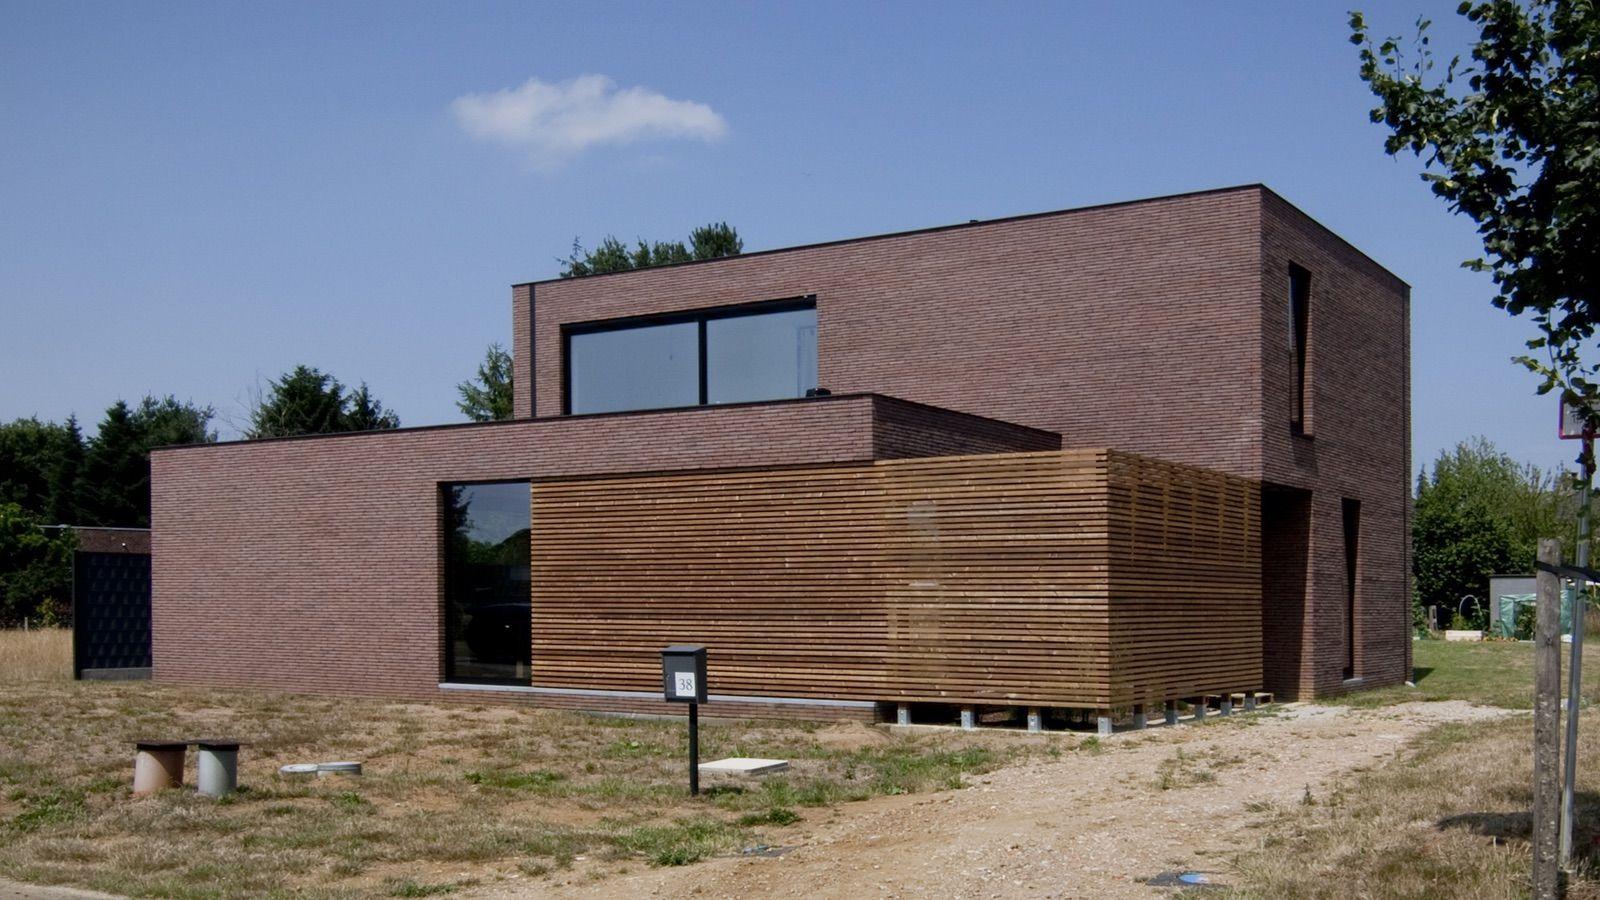 Block office architecten hedendaagse woning te paal strakke